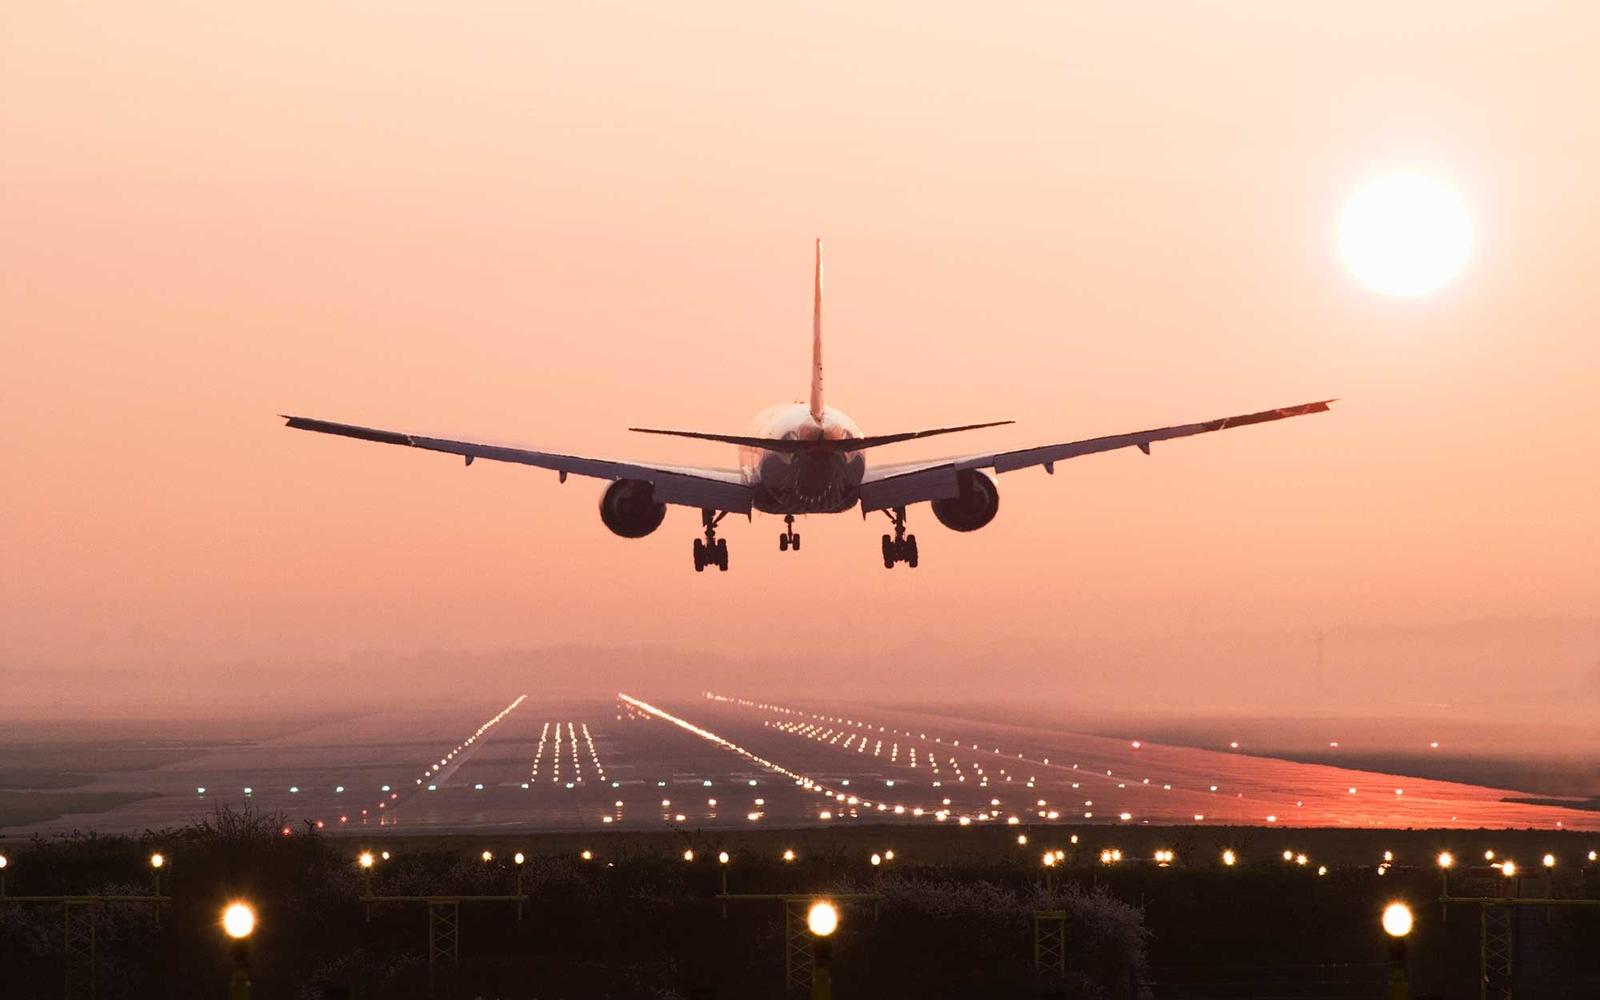 11 نکته شگفت انگیز درباره هواپیما ها که تا کنون نمی دانستید - روزیاتو